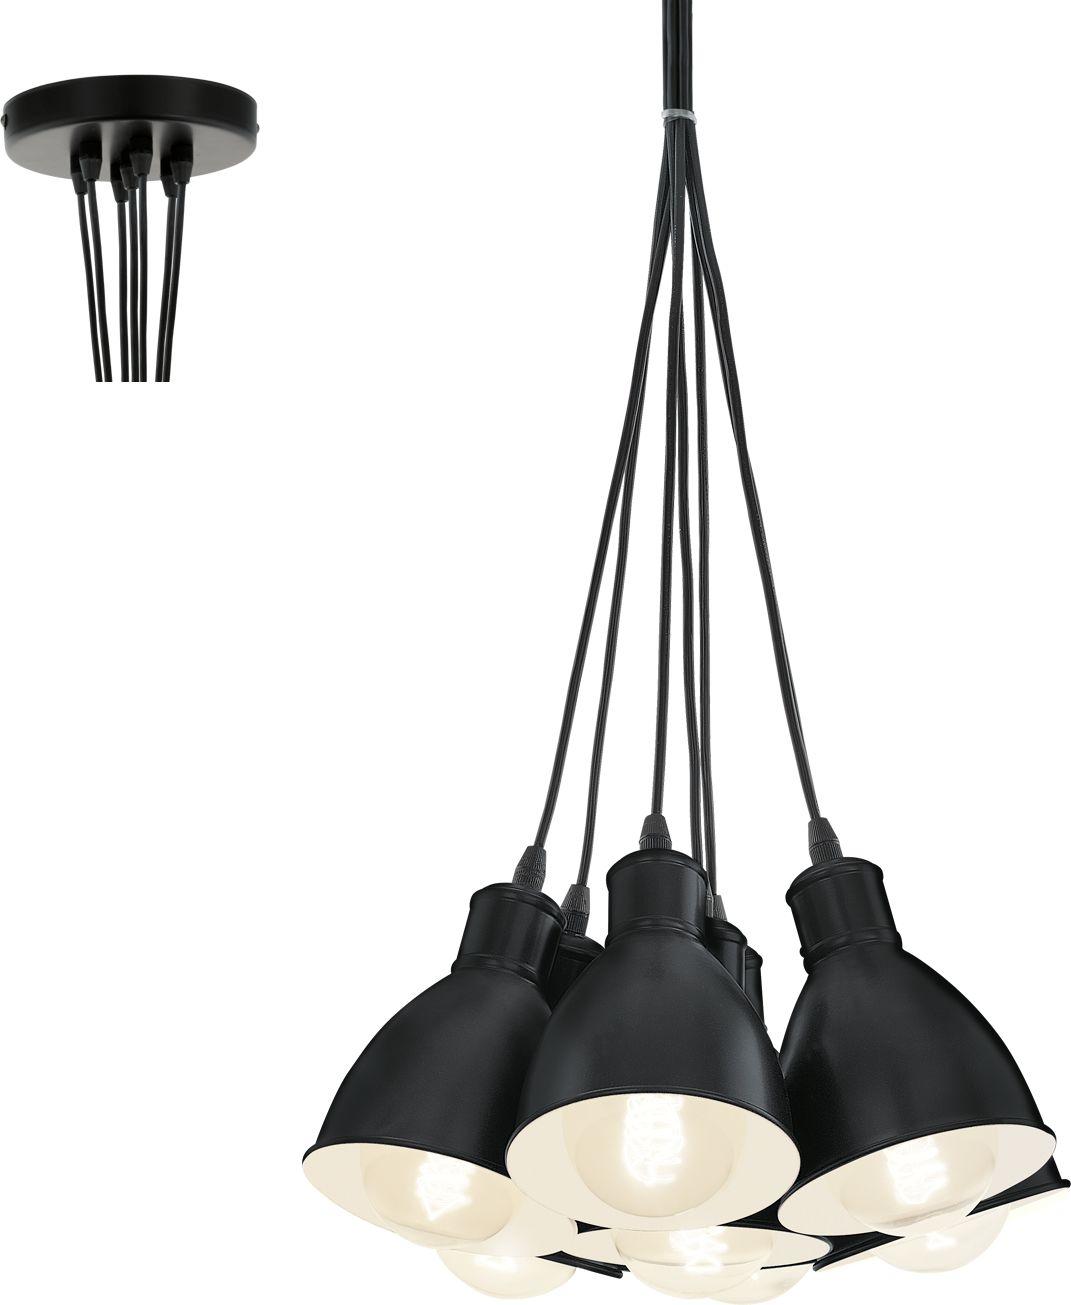 Eglo lampa wisząca Priddy 49467 - SUPER OFERTA - RABAT w koszyku